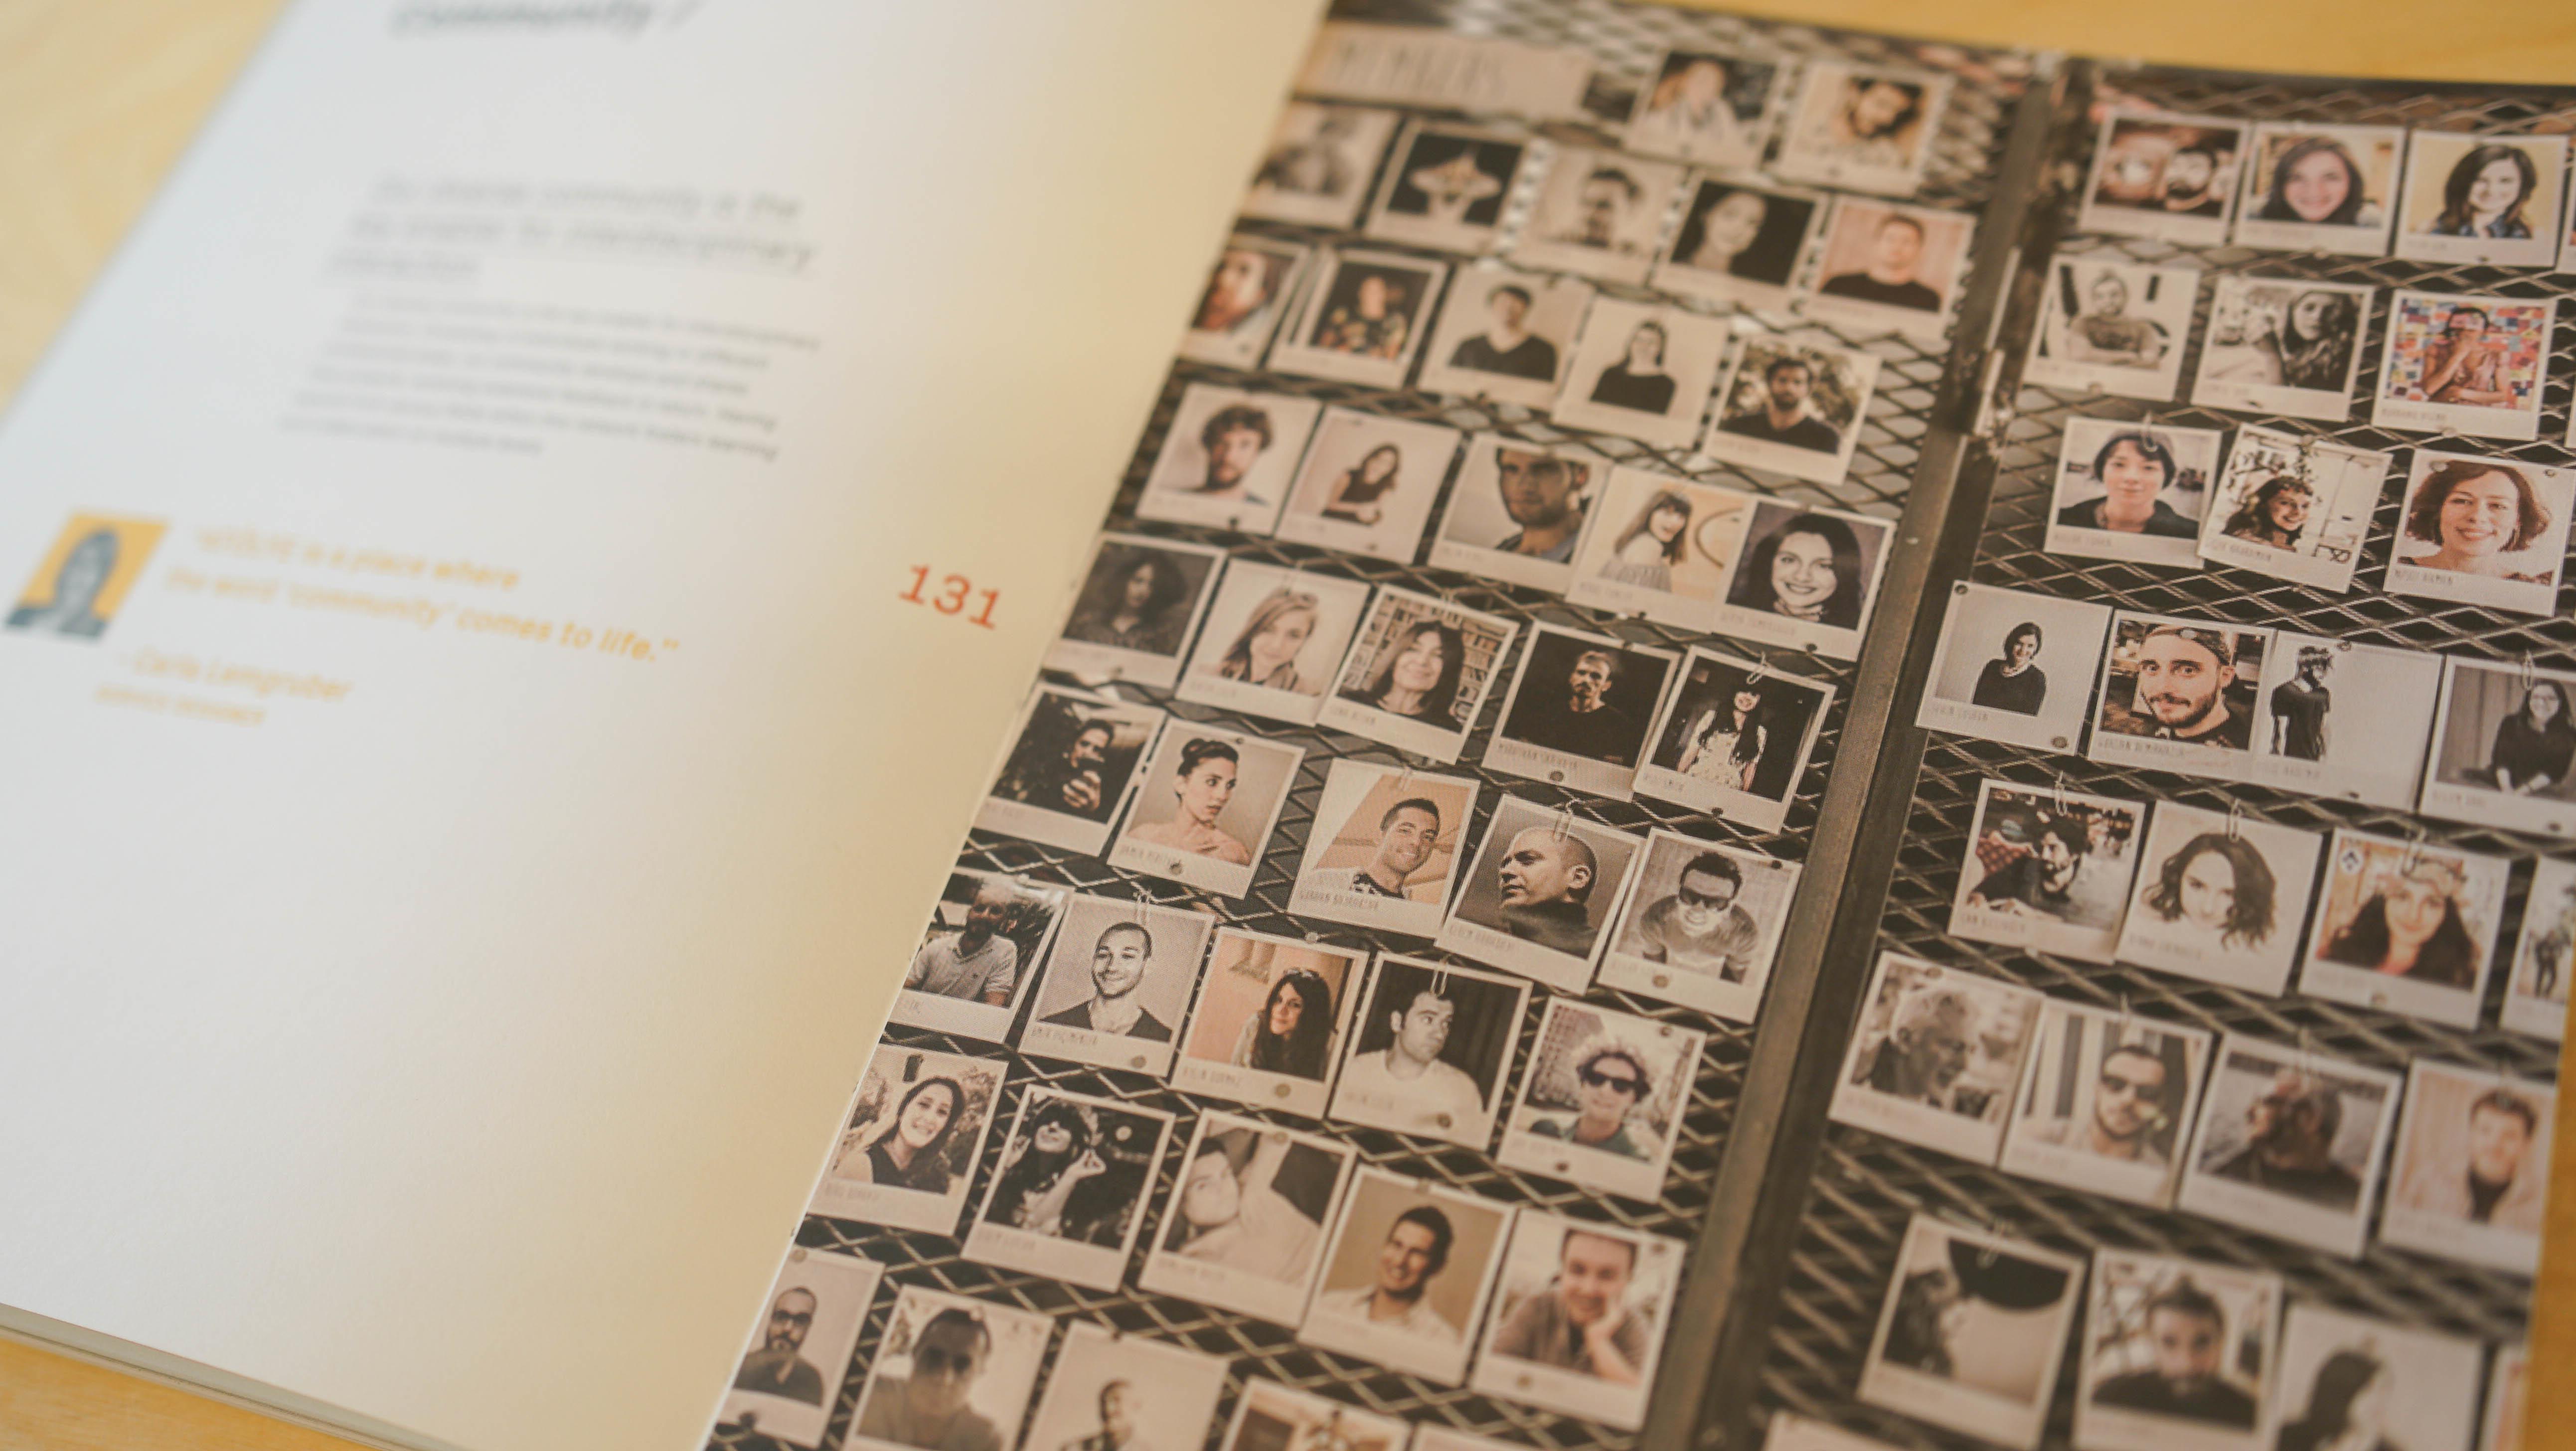 ATÖLYE'nin Deneyim ve Bilgileri Kitaplaştı: Reflections